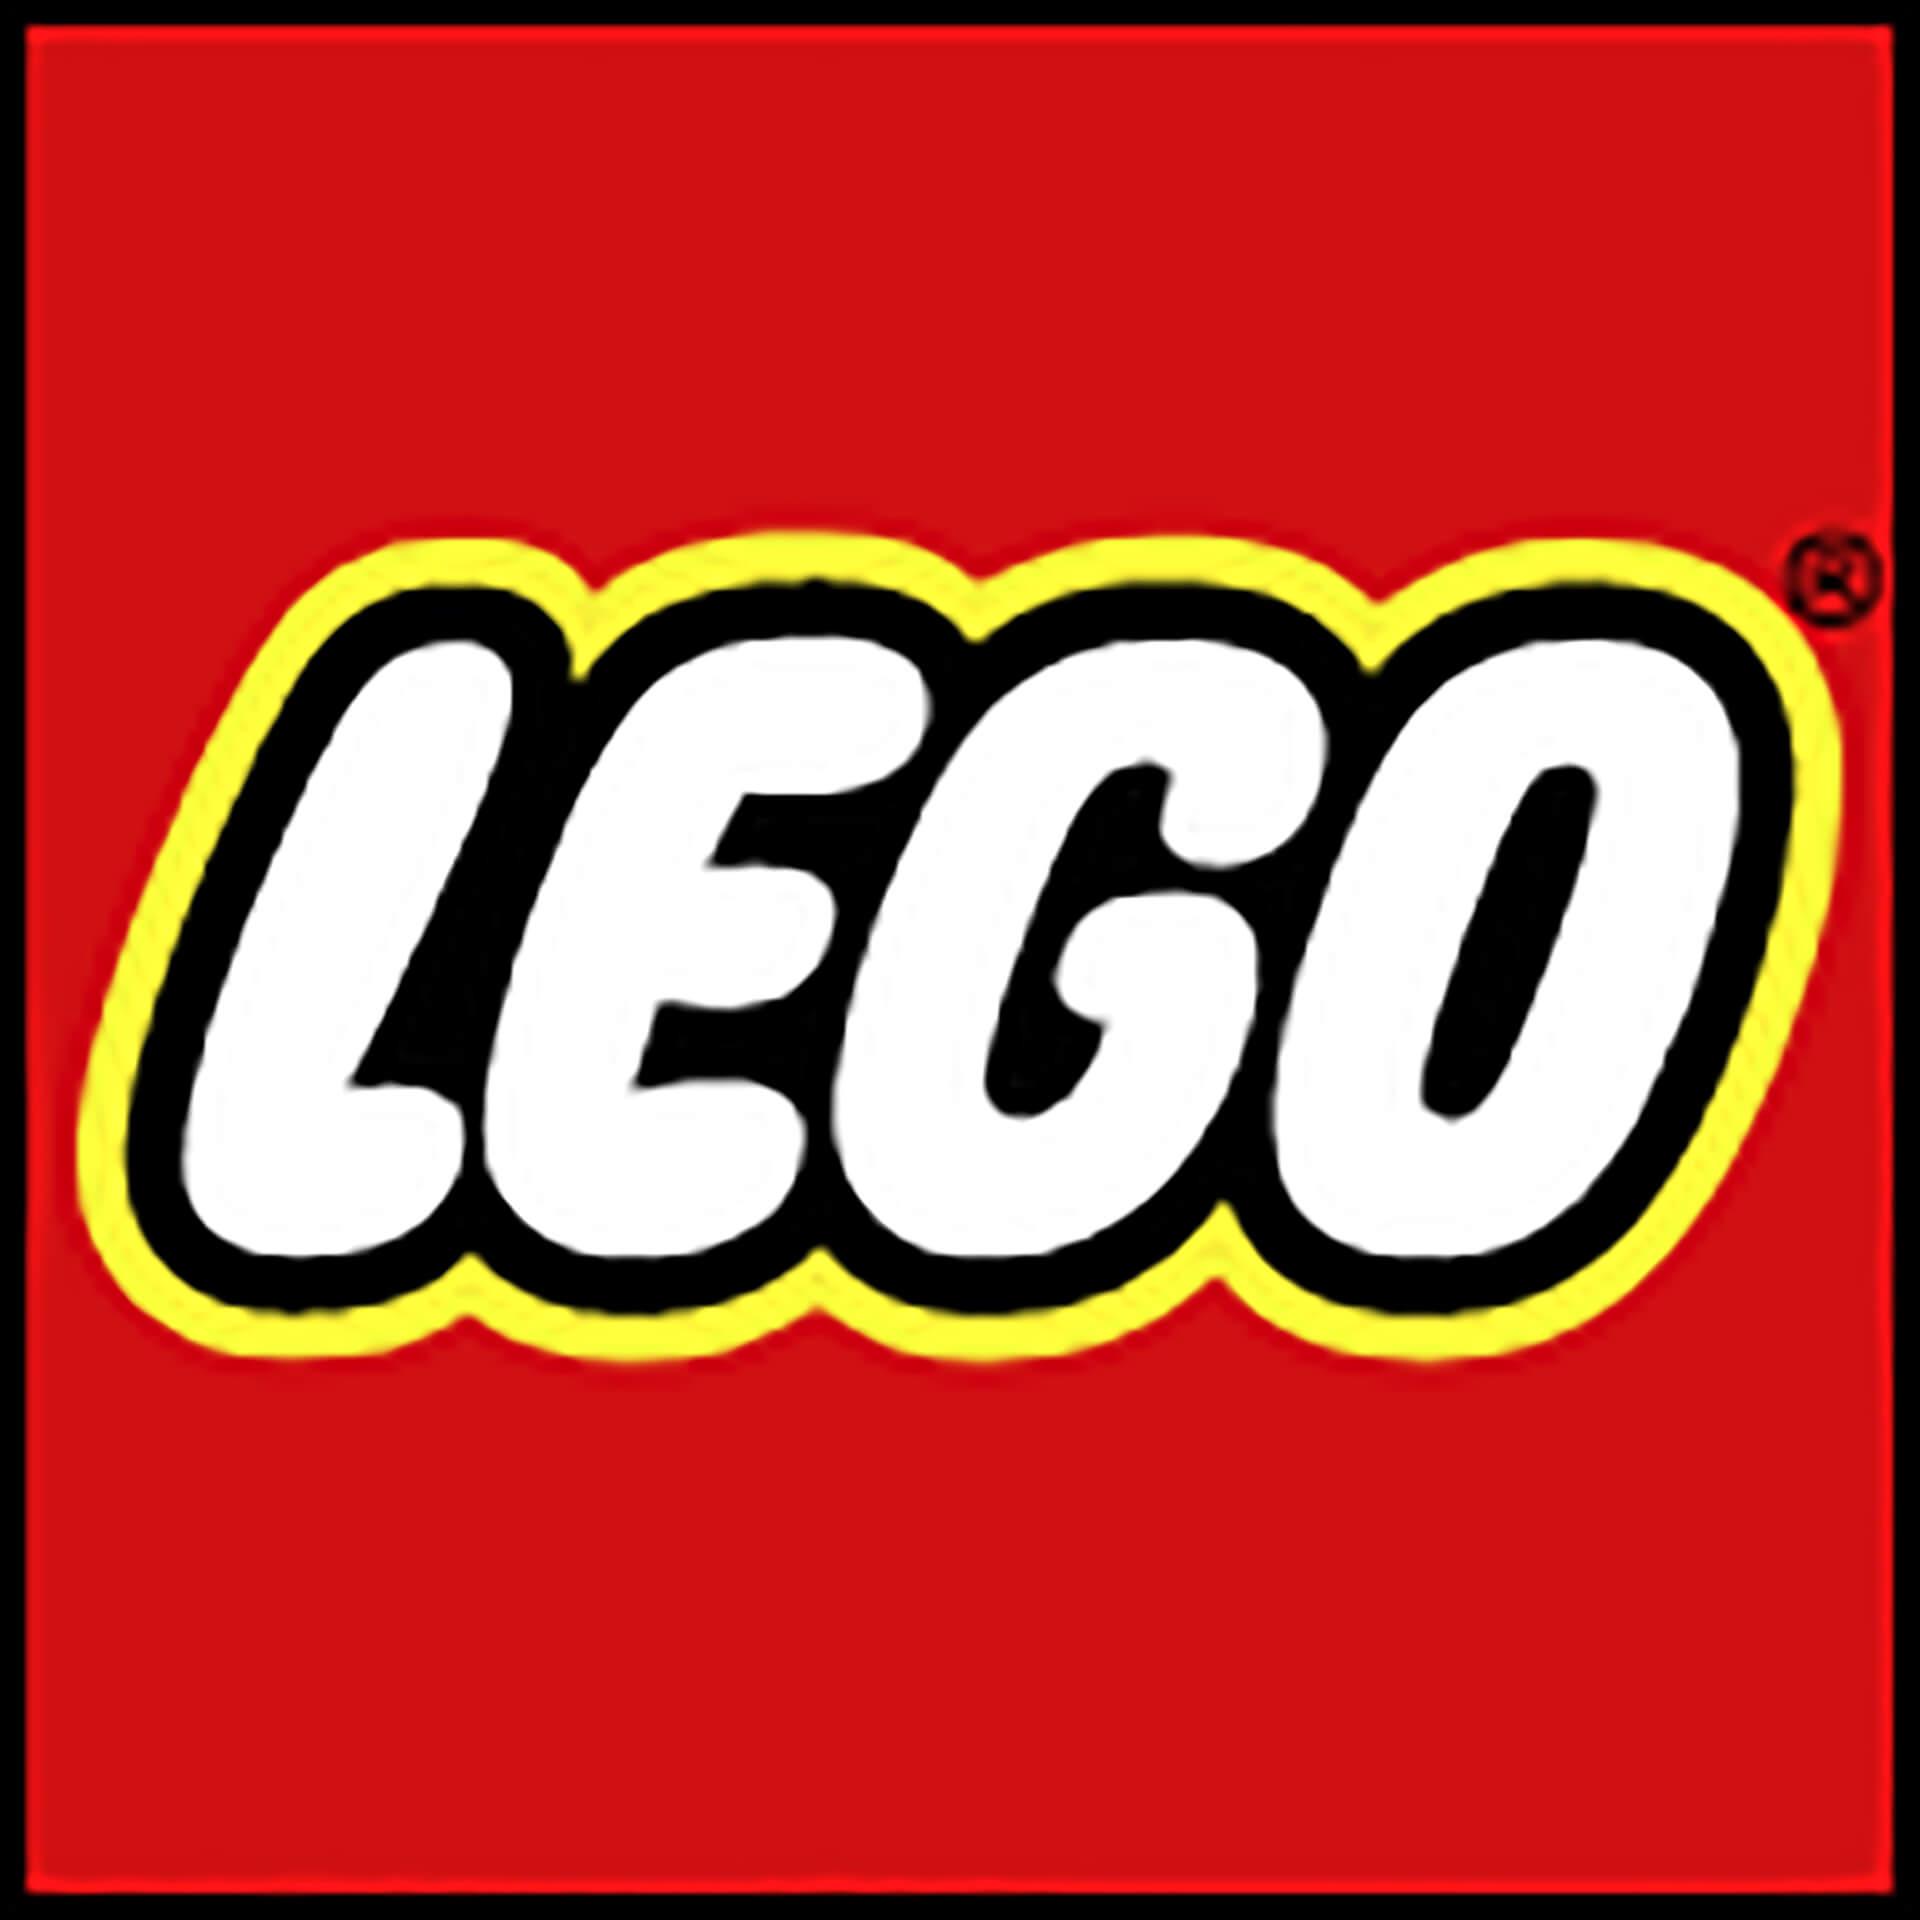 レゴ(R)スーパーマリオ(TM) 発売記念 レゴ(R)ポップアップストア